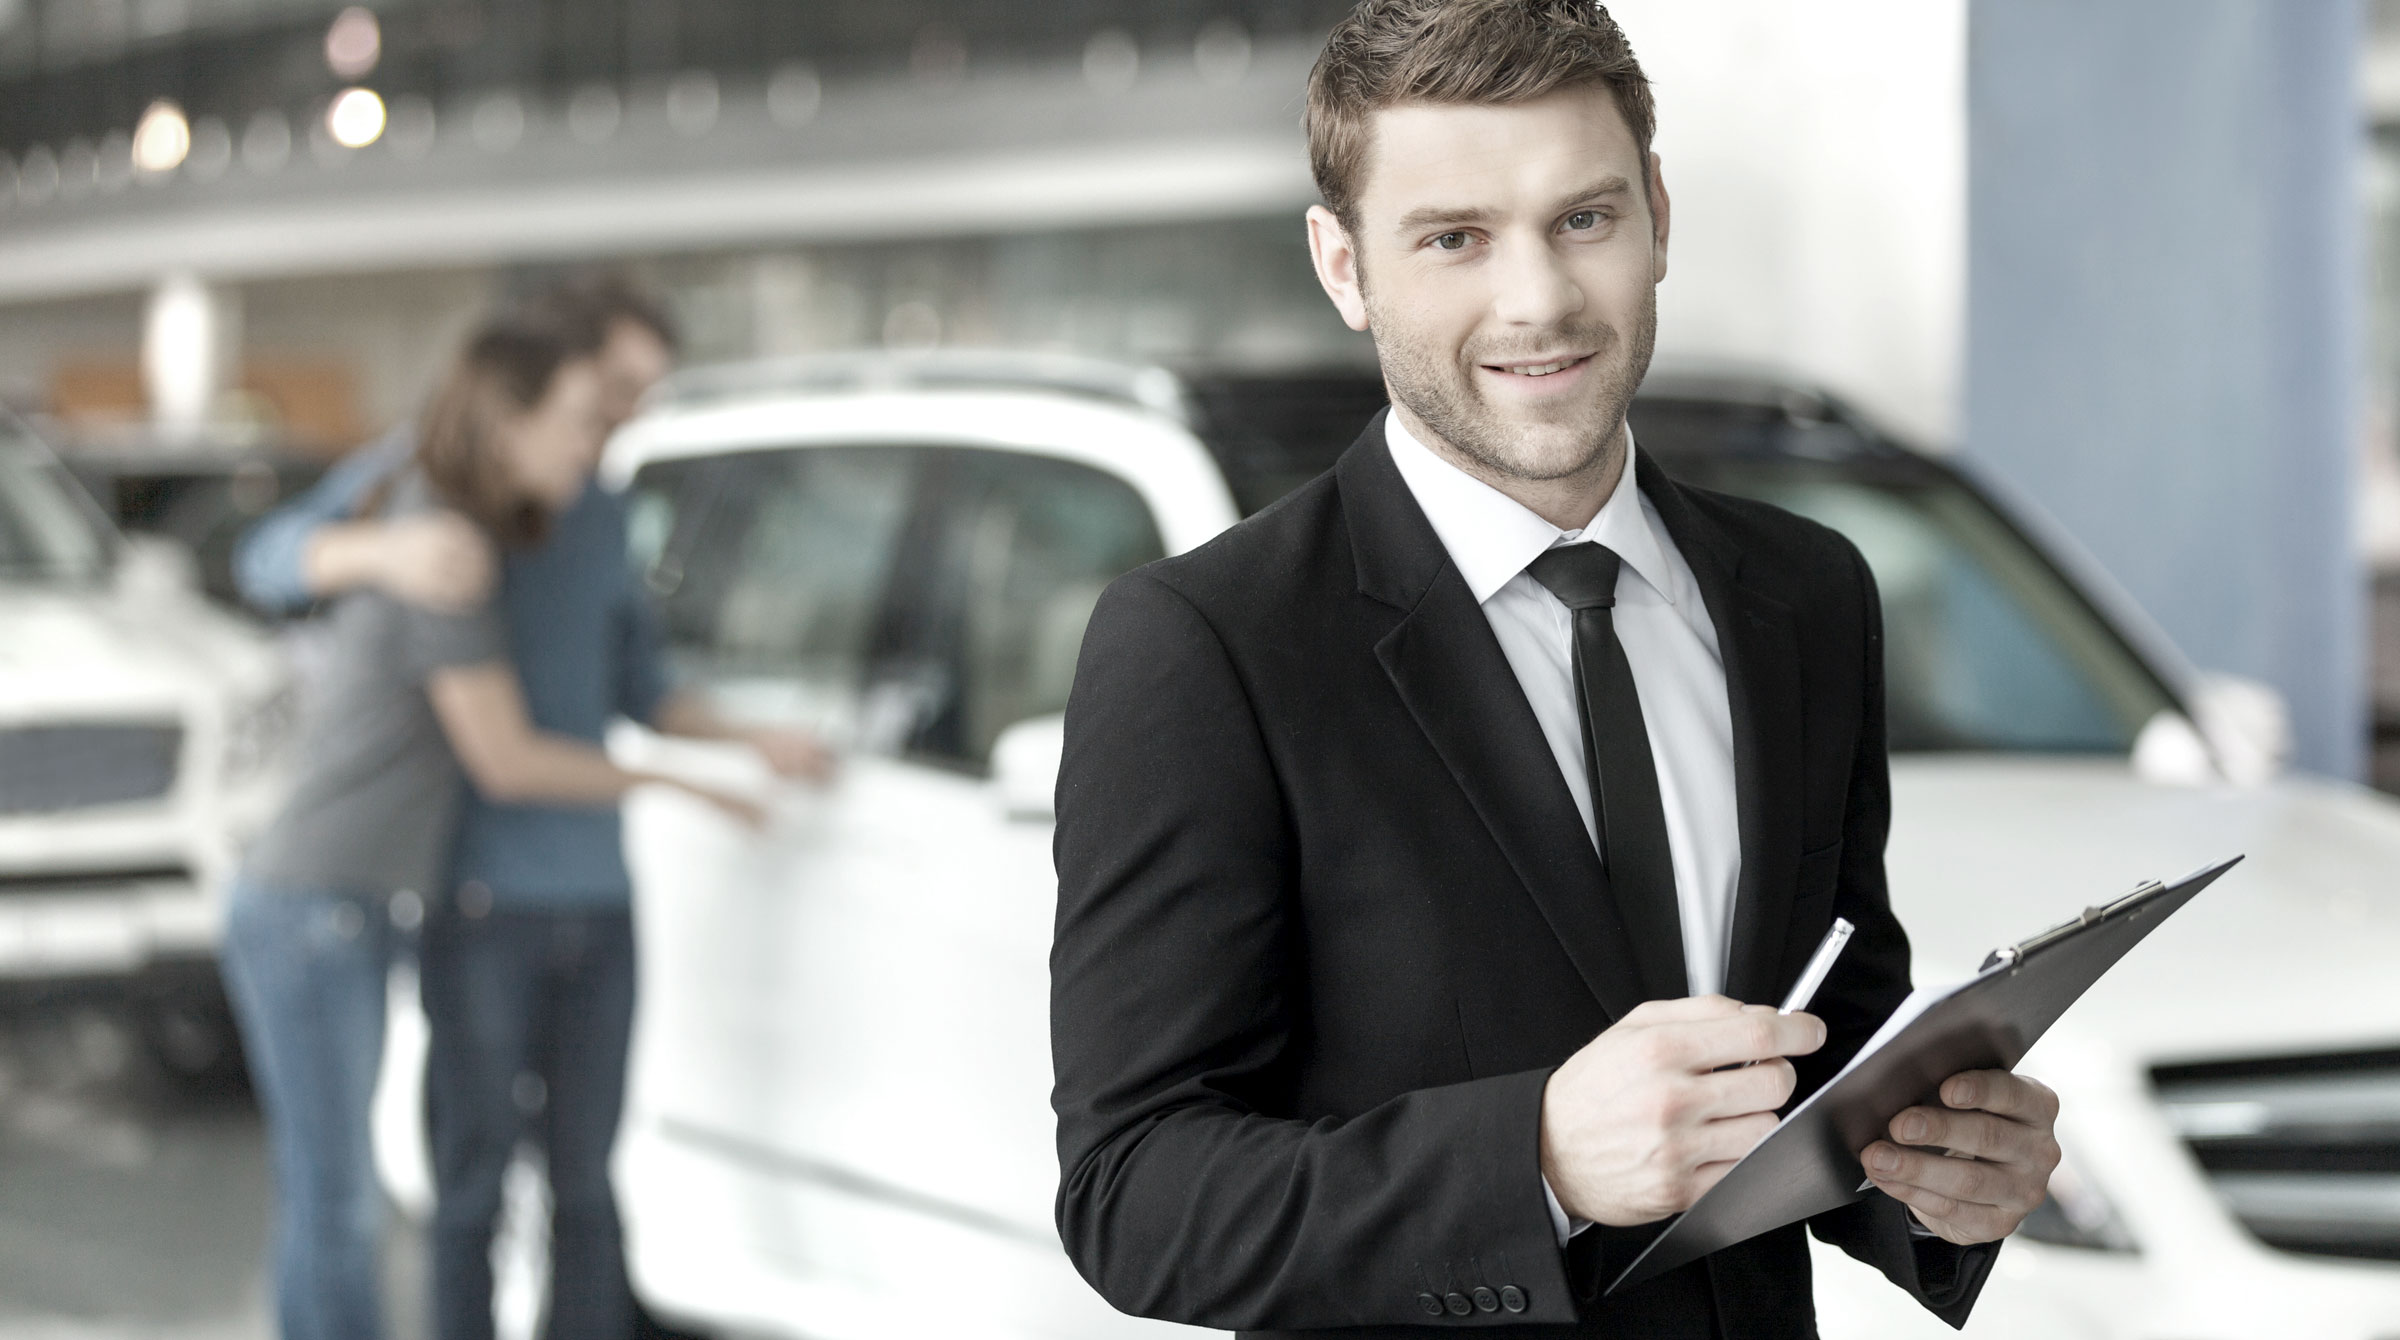 Introbild Ratgeber Autoversicherung